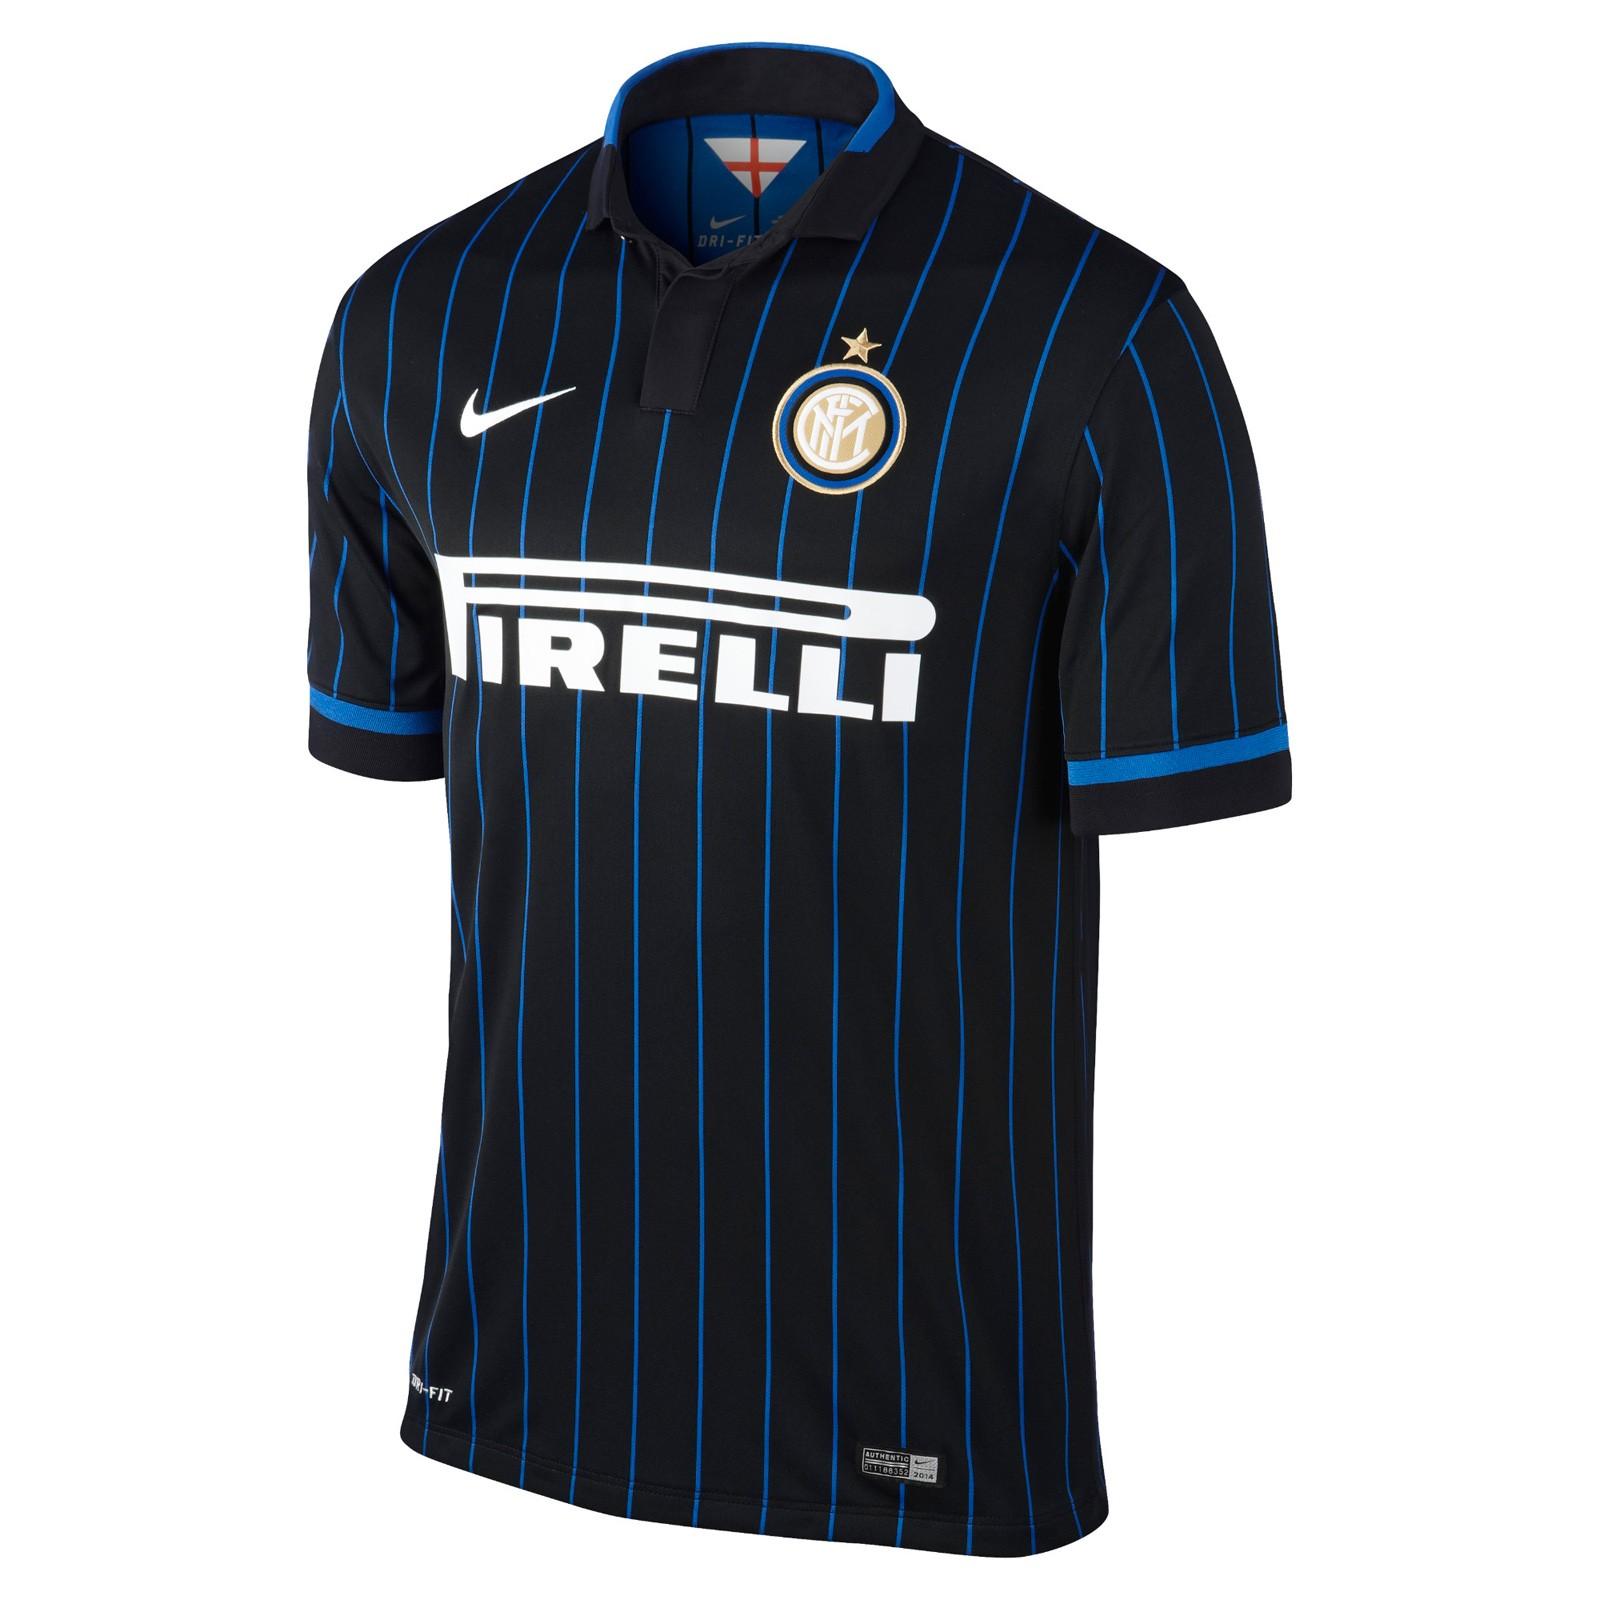 国际米兰2014-15赛季球迷版主场球衣